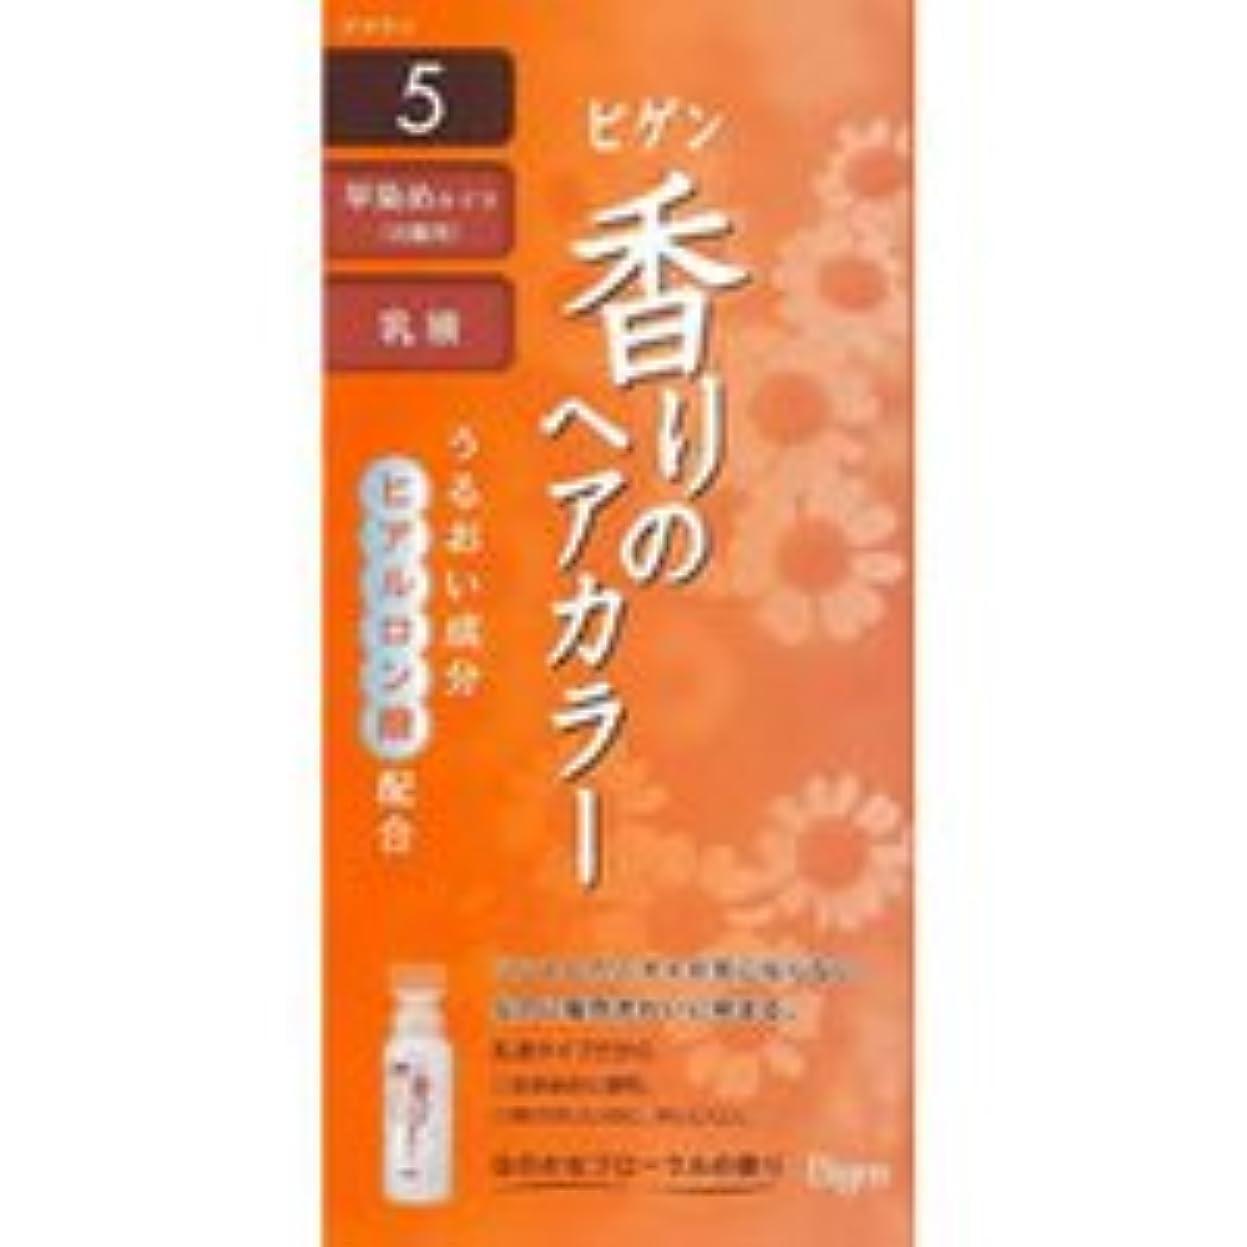 夫婦縫い目発生ビゲン 香りのヘアカラー 乳液(5) ブラウン